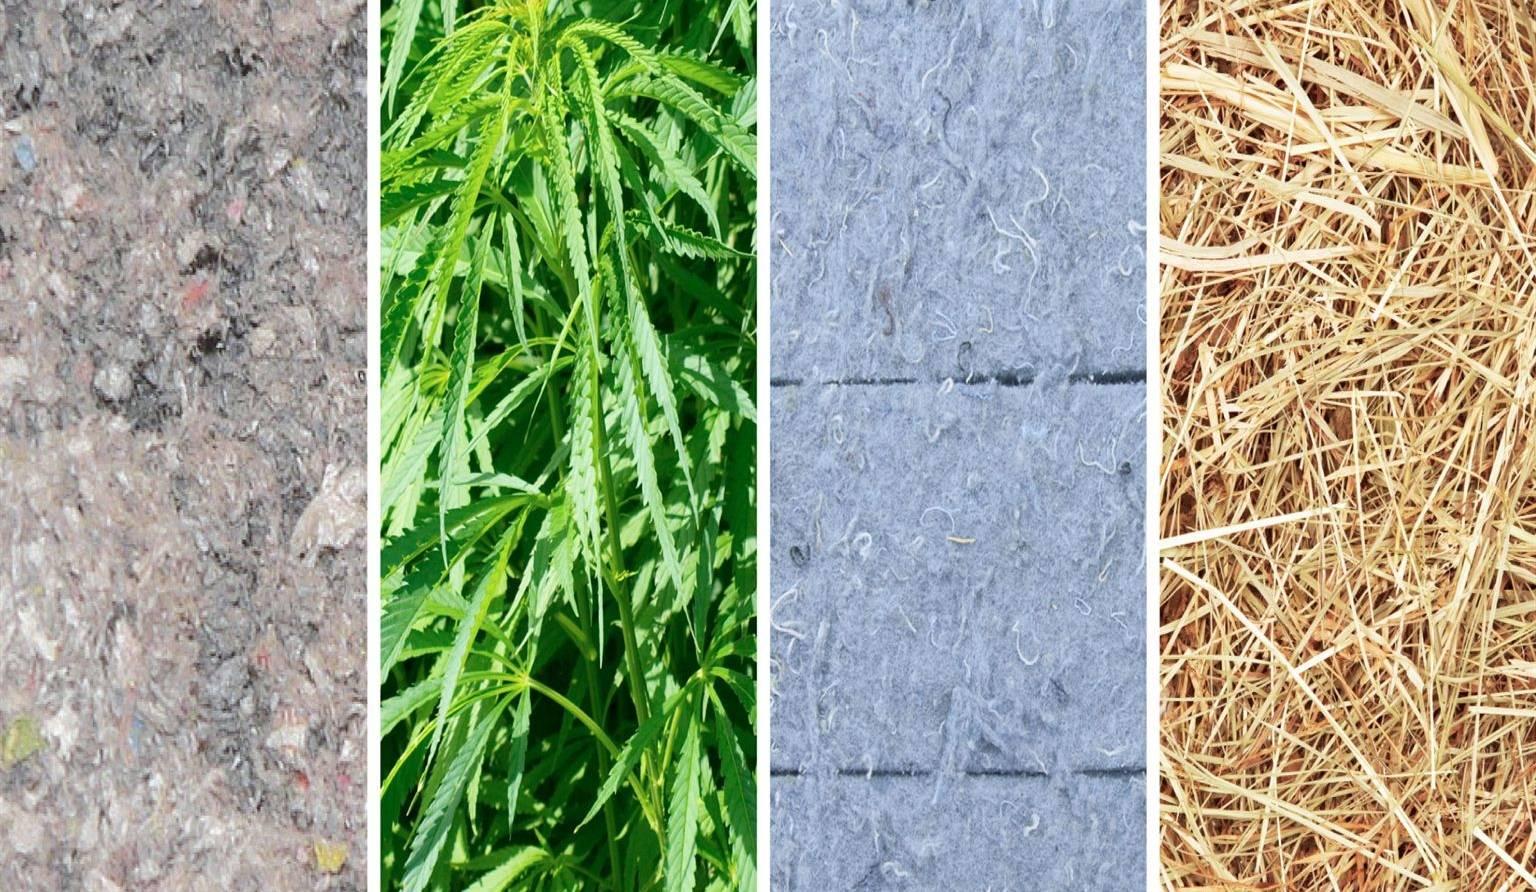 Isolants verts pour la maison: cellulose, chanvre, coton ou paille ?